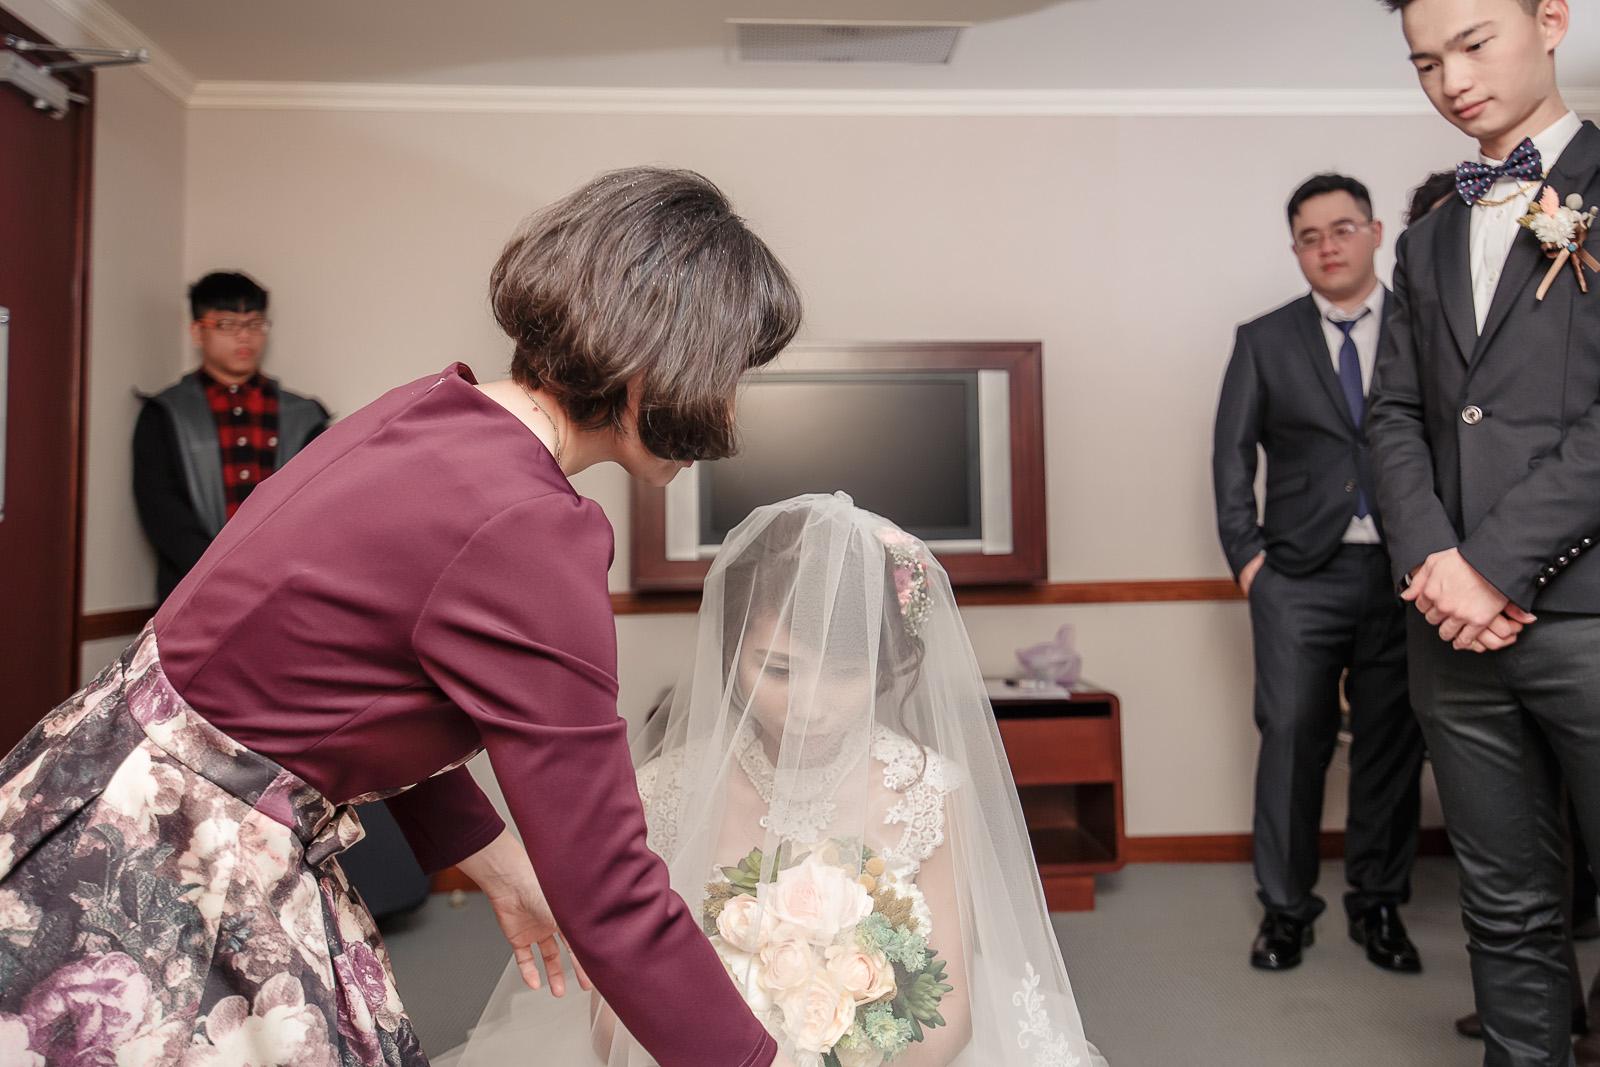 高雄圓山飯店,婚禮攝影,婚攝,高雄婚攝,優質婚攝推薦,Jen&Ethan-149